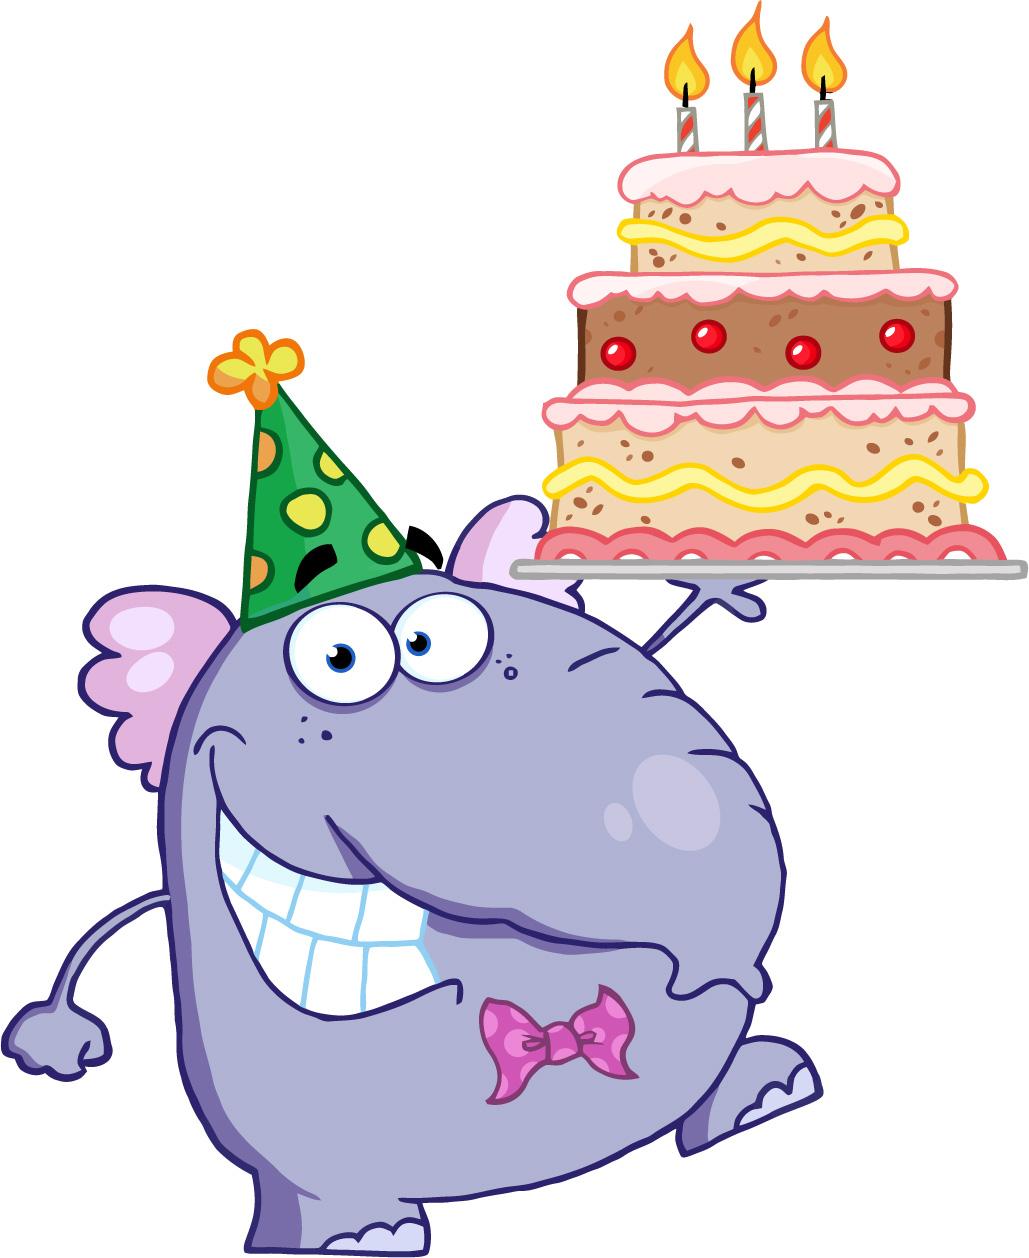 Faserfimmel-Blog wird heute 8 Jahre alt!